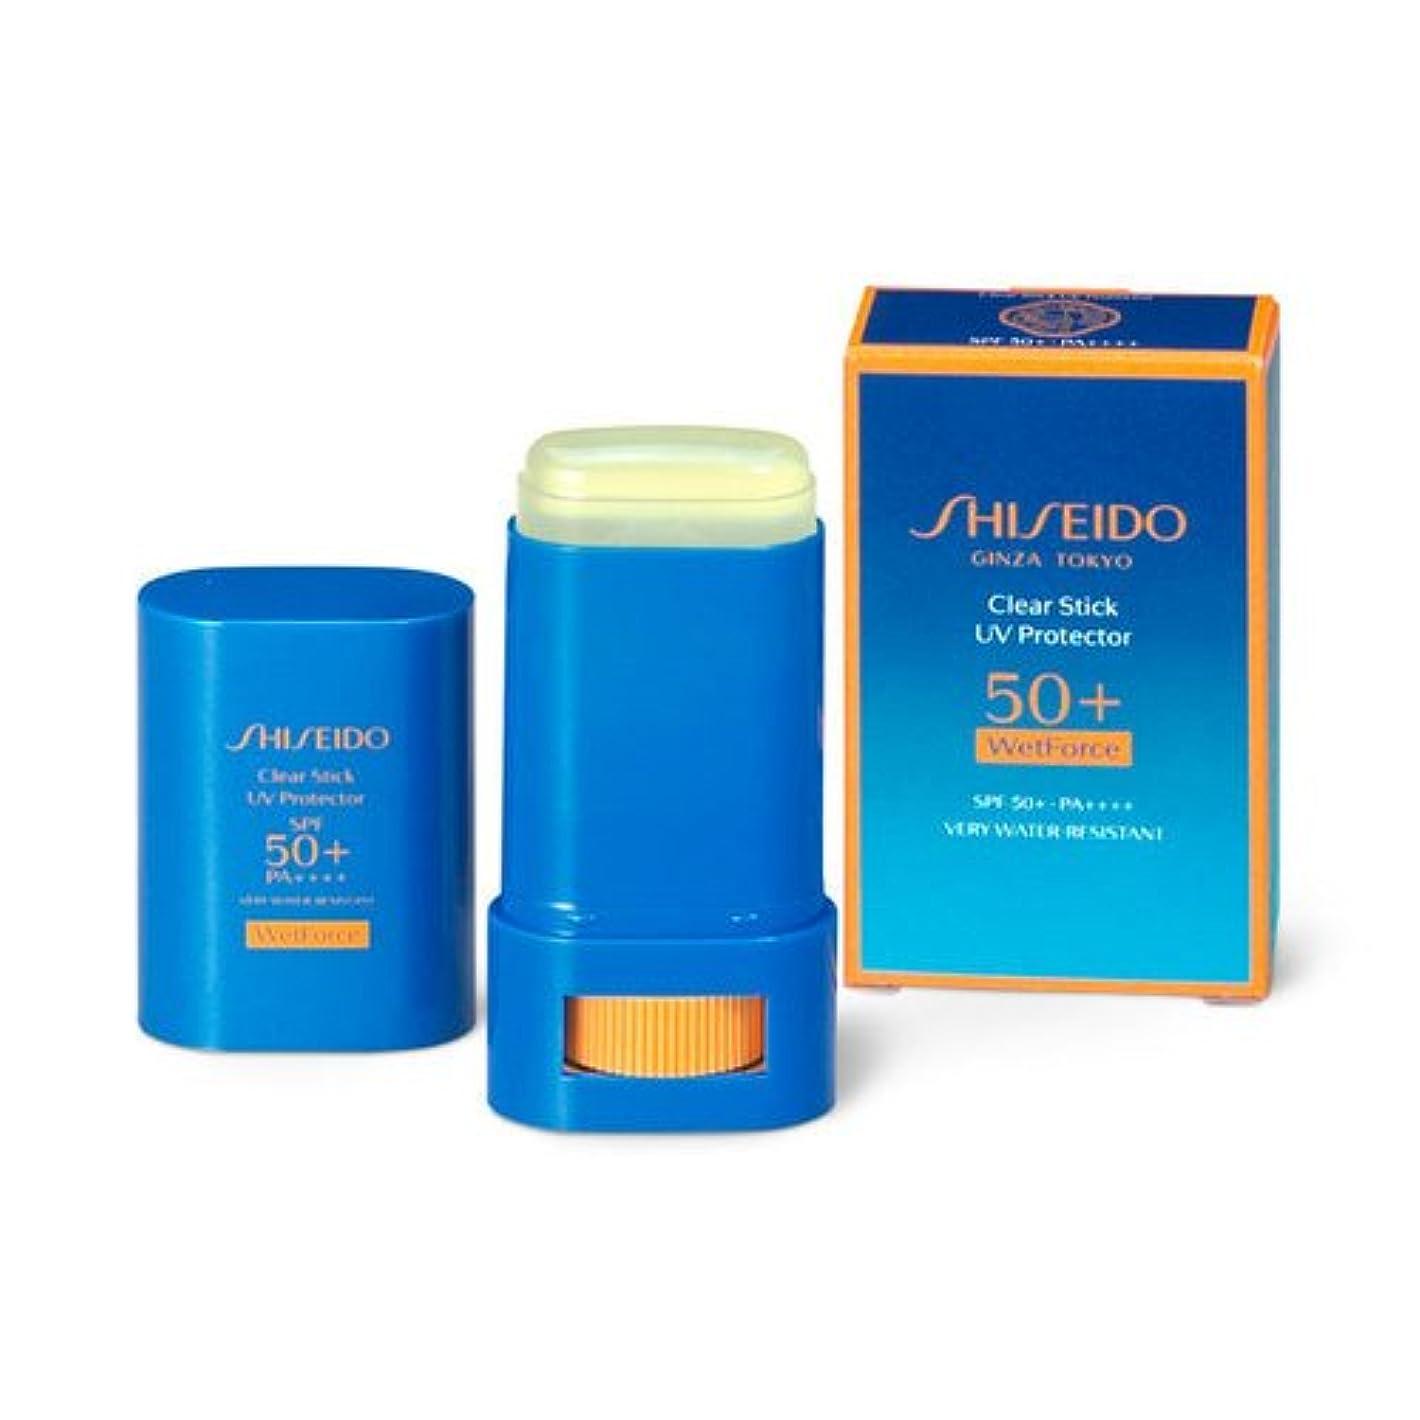 合計先のことを考える乱雑なSHISEIDO Suncare(資生堂 サンケア) SHISEIDO(資生堂) クリアスティック UVプロテクター 15g